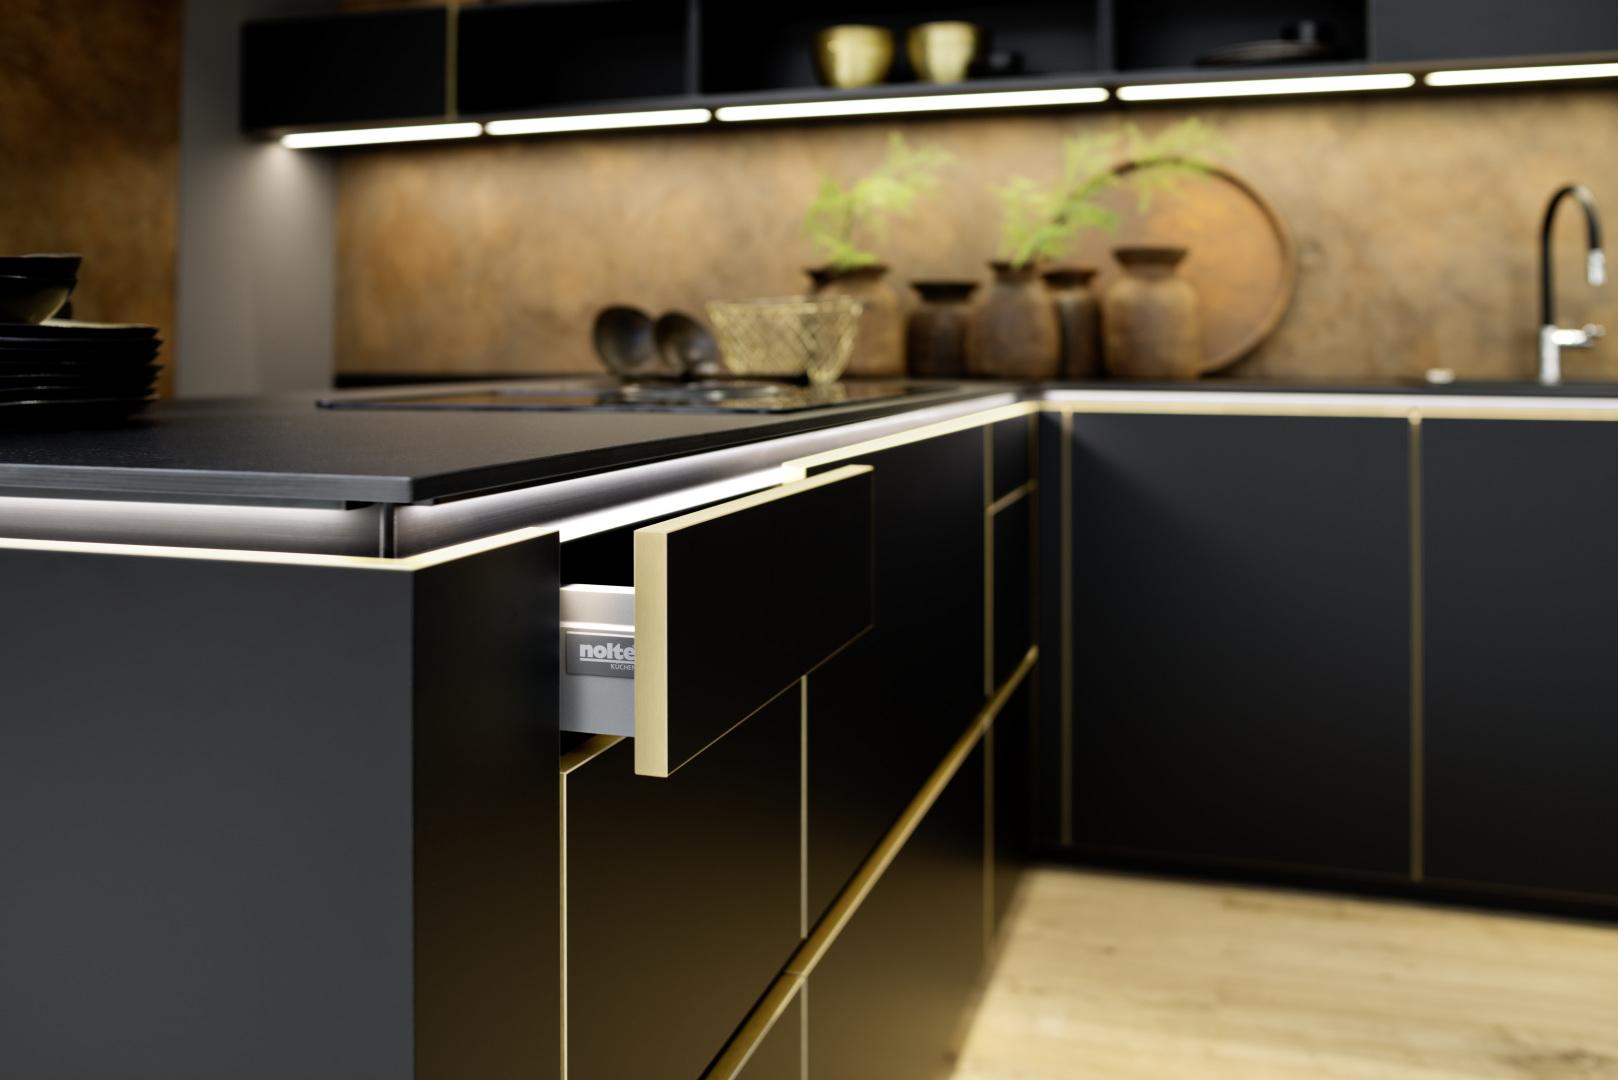 czarna matowa kuchnia ze złotą krawędzią - szuflada